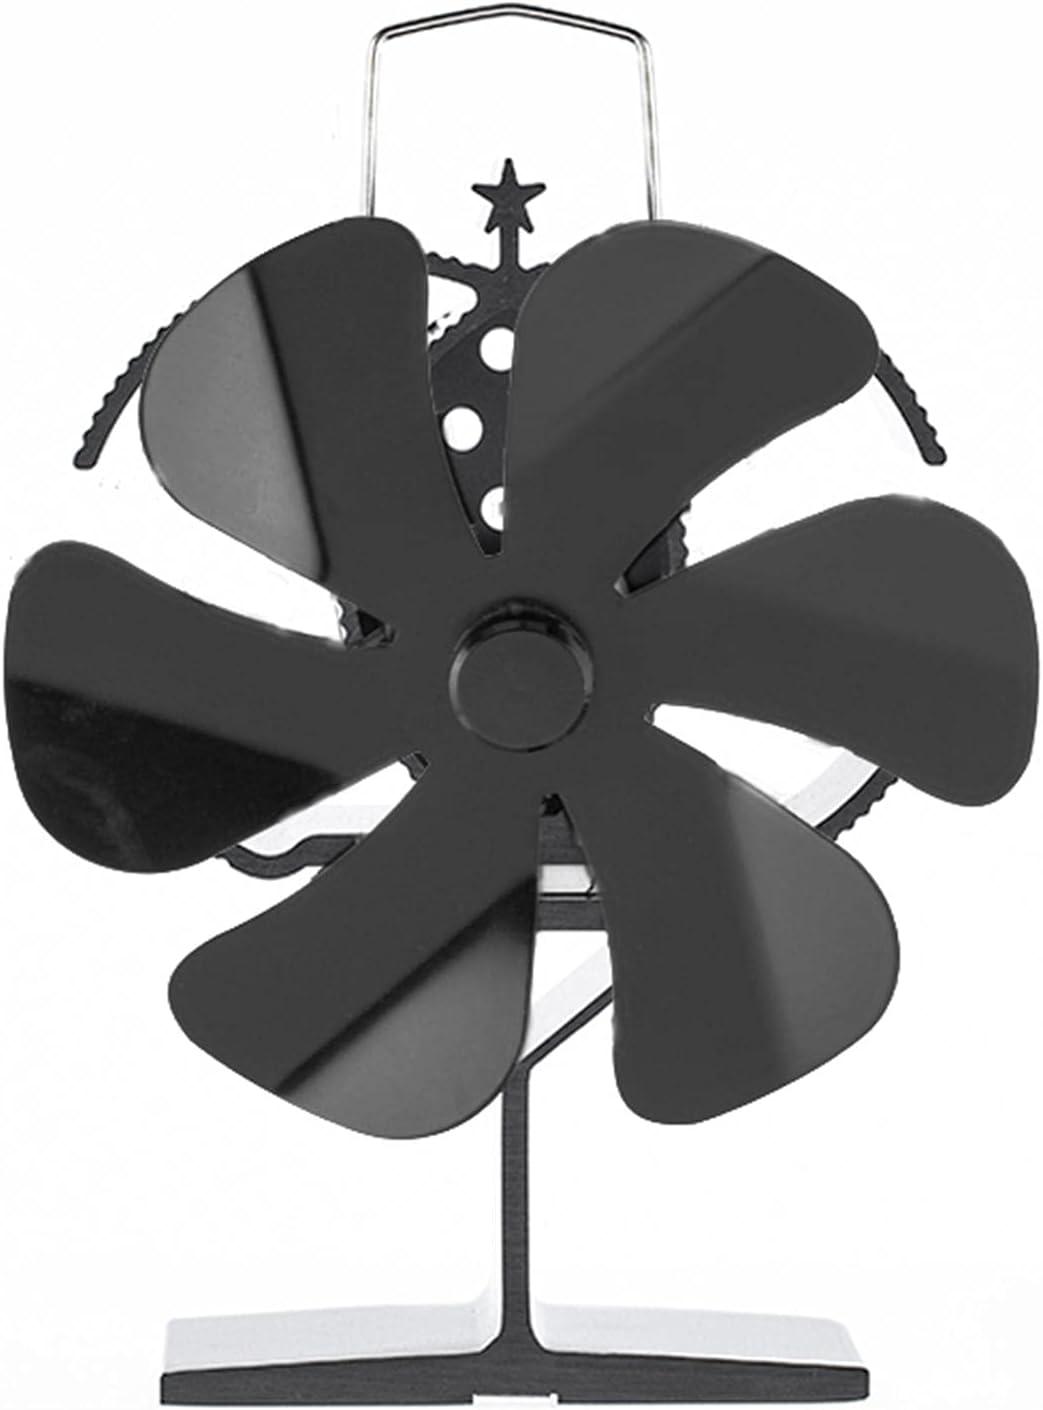 Ventilador de estufa de calefacción, ventiladores de estufa de madera no eléctricos, ventilador de estufa de módulo termoeléctrico para estufas de gas / pellet / leña, ahorro de combustible de manera